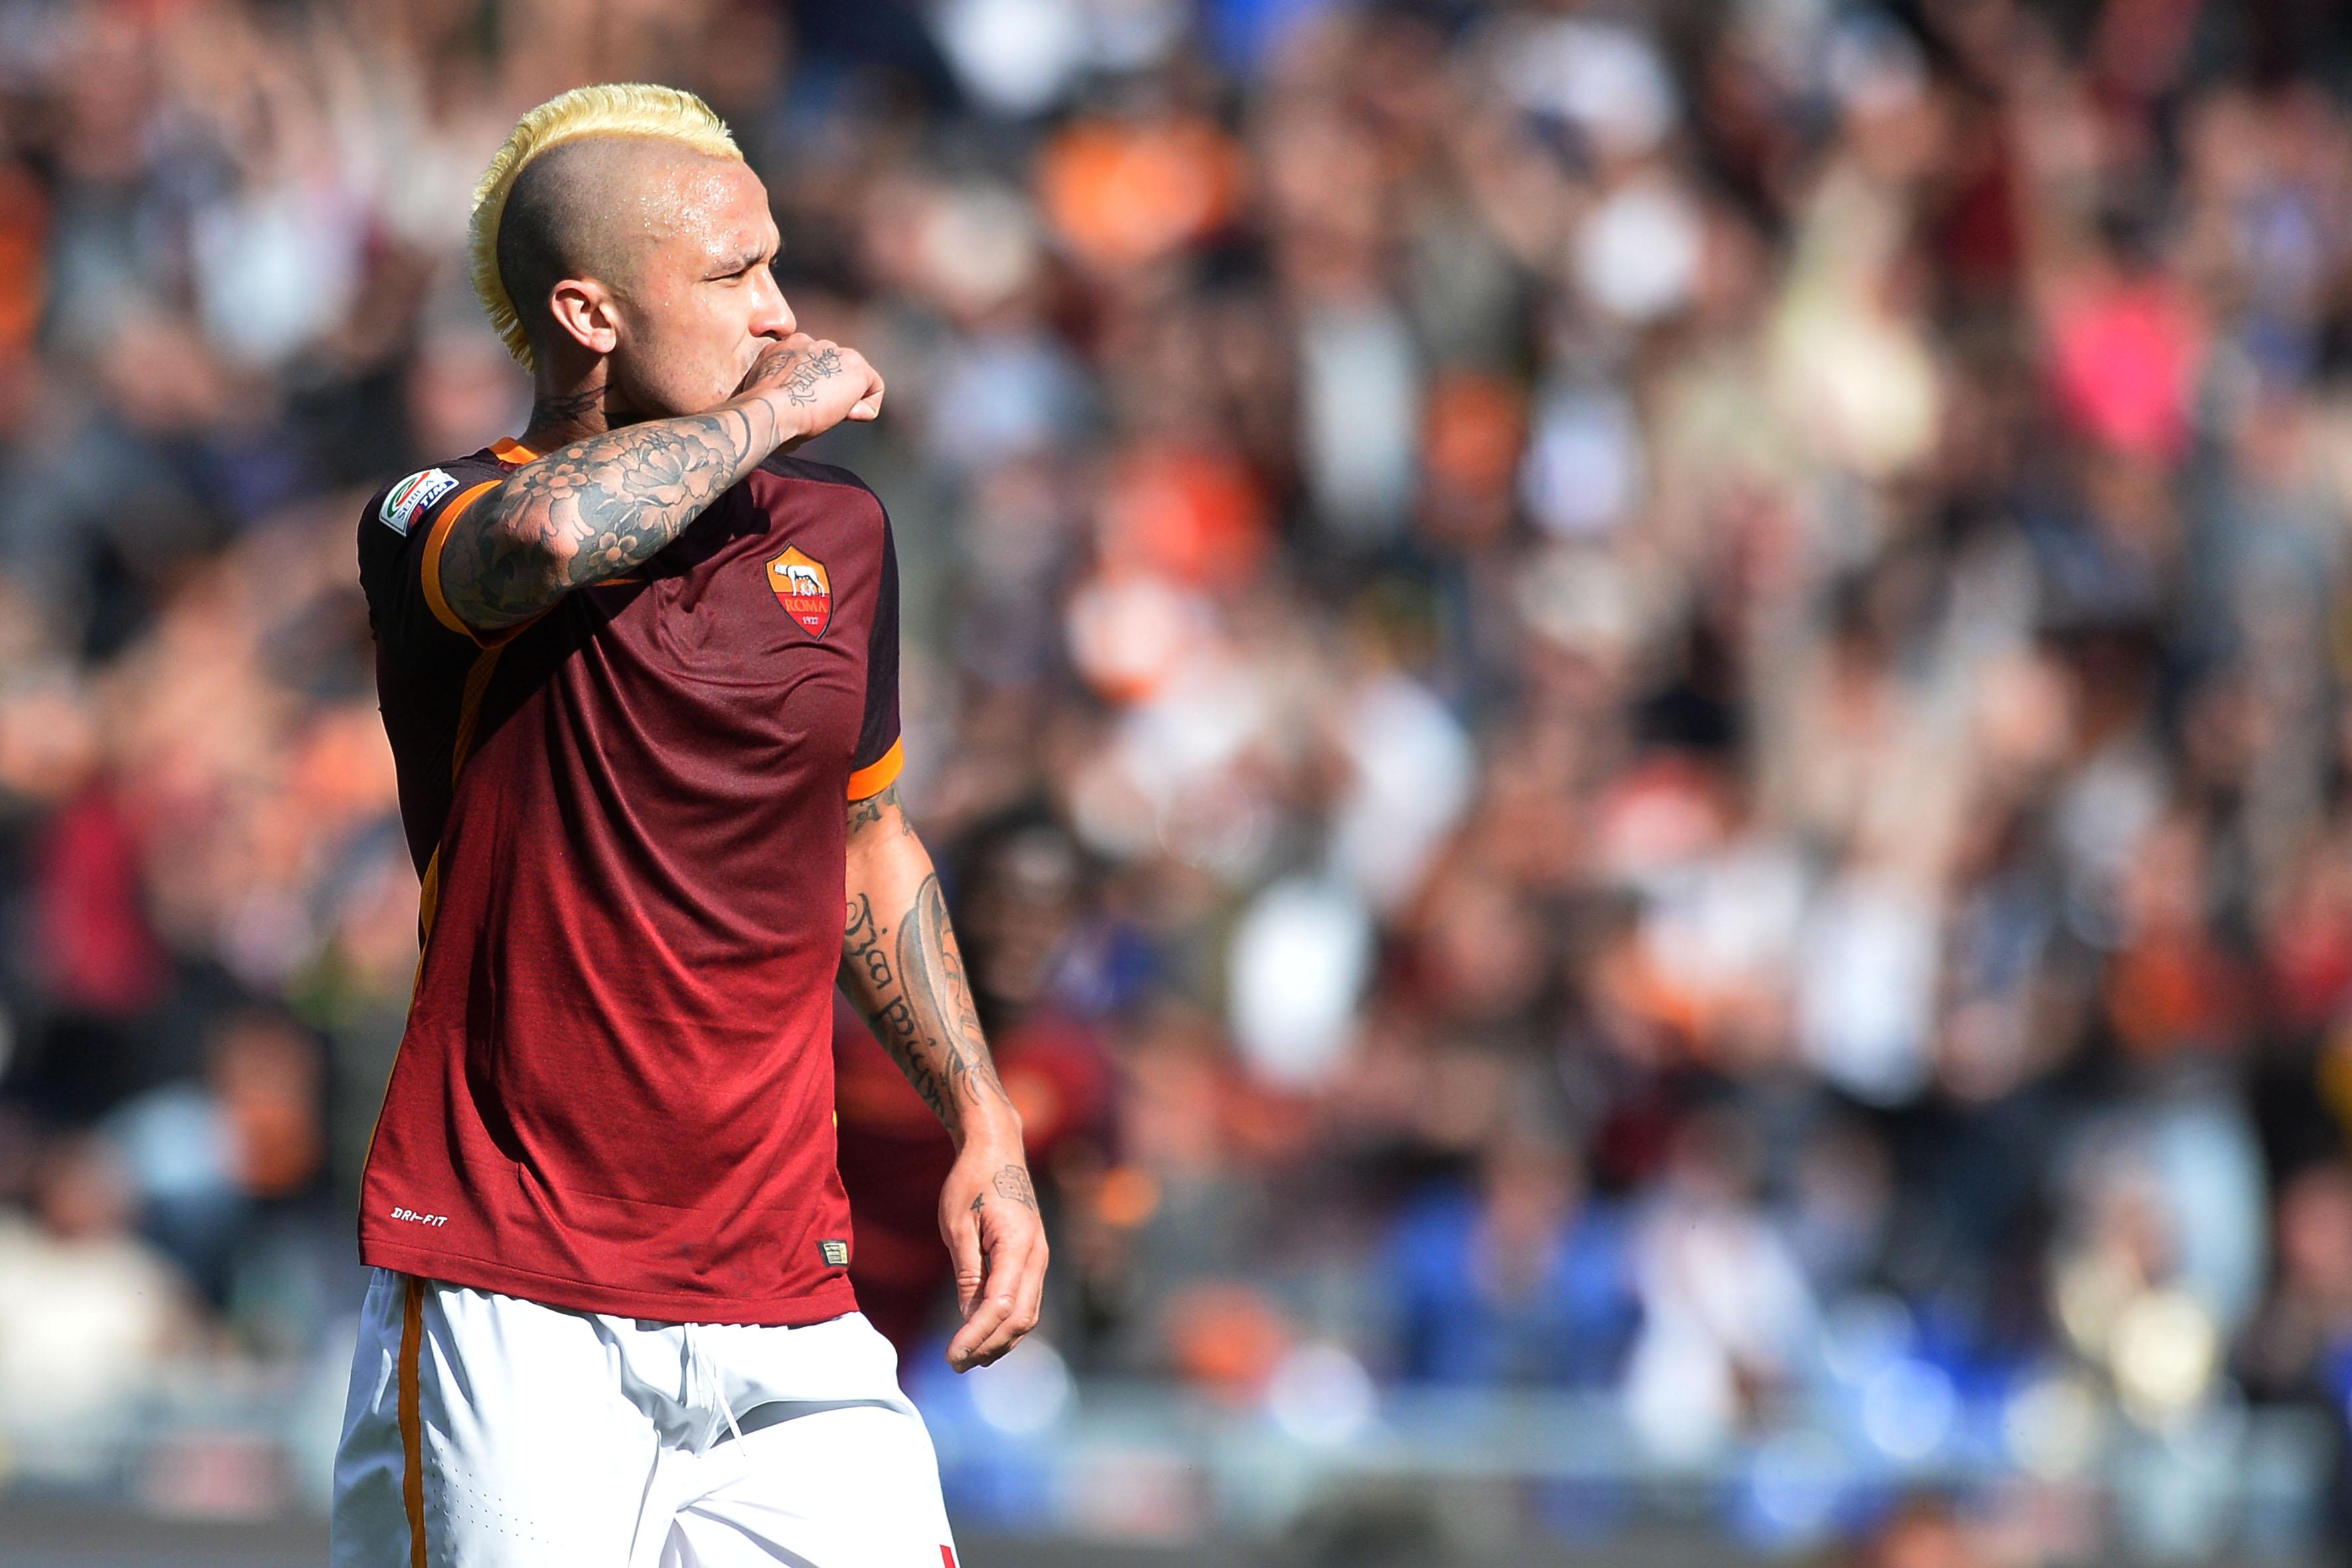 Football - Etranger - Roma-Inter Milan en direct